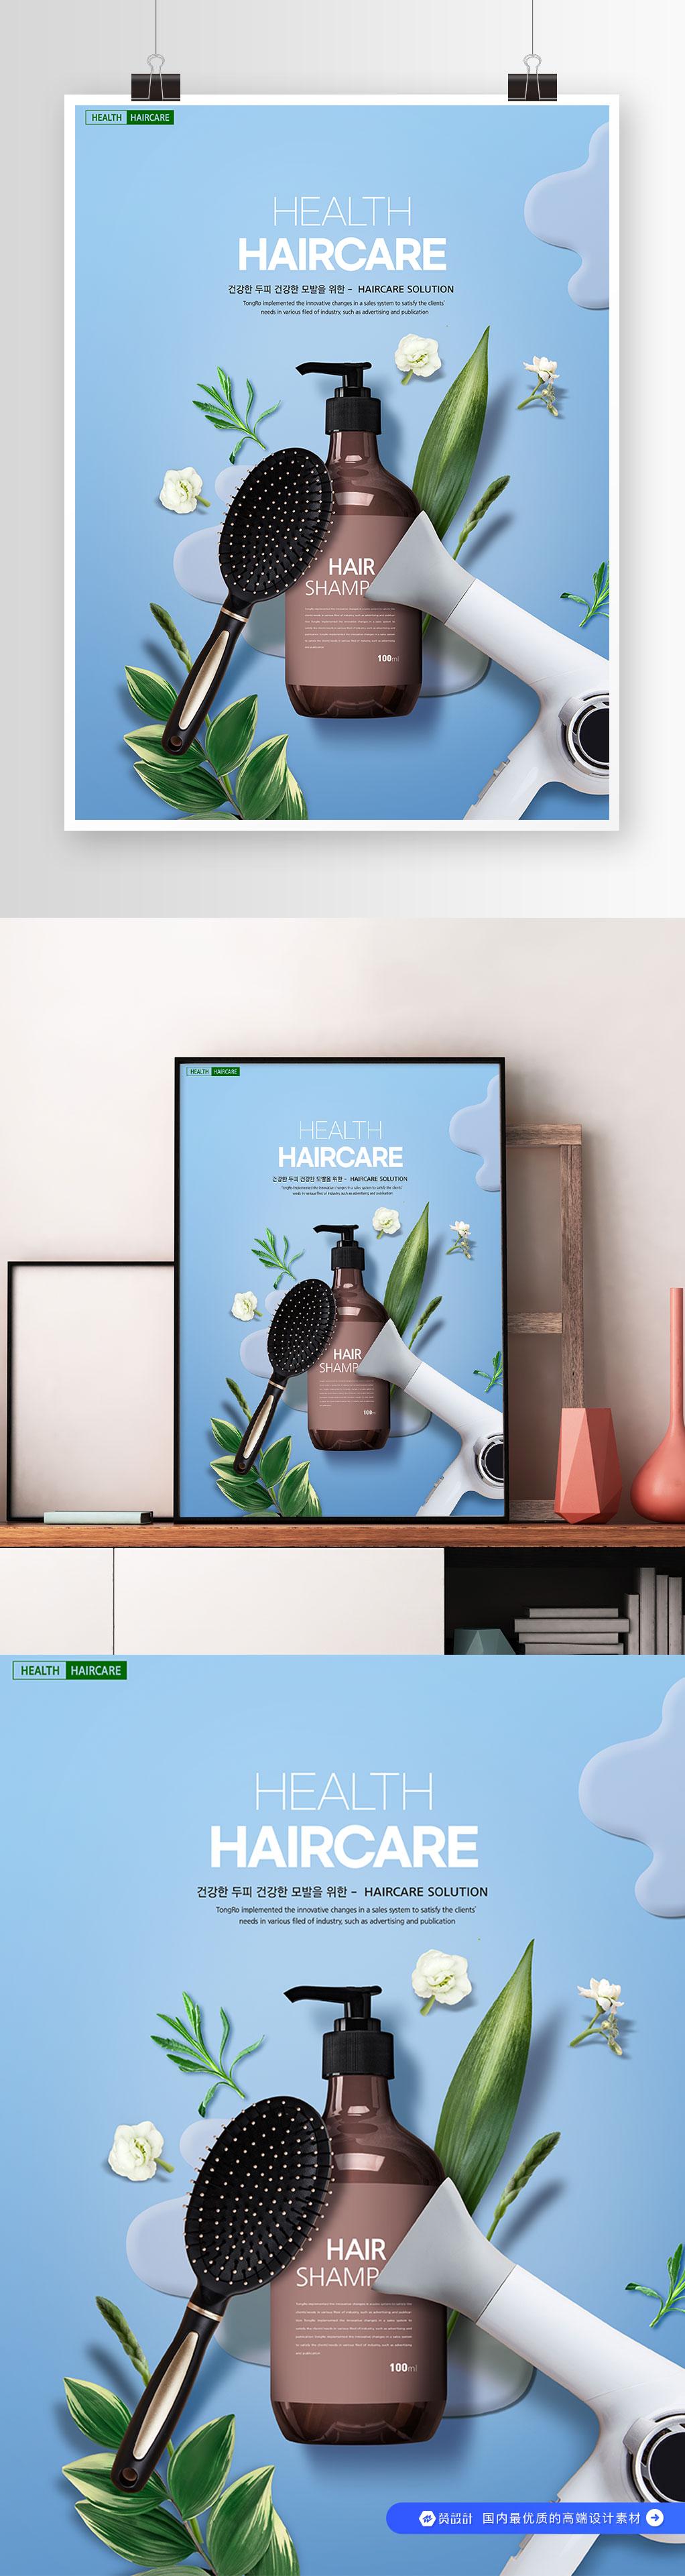 植物精油洗发护理产品宣传海报